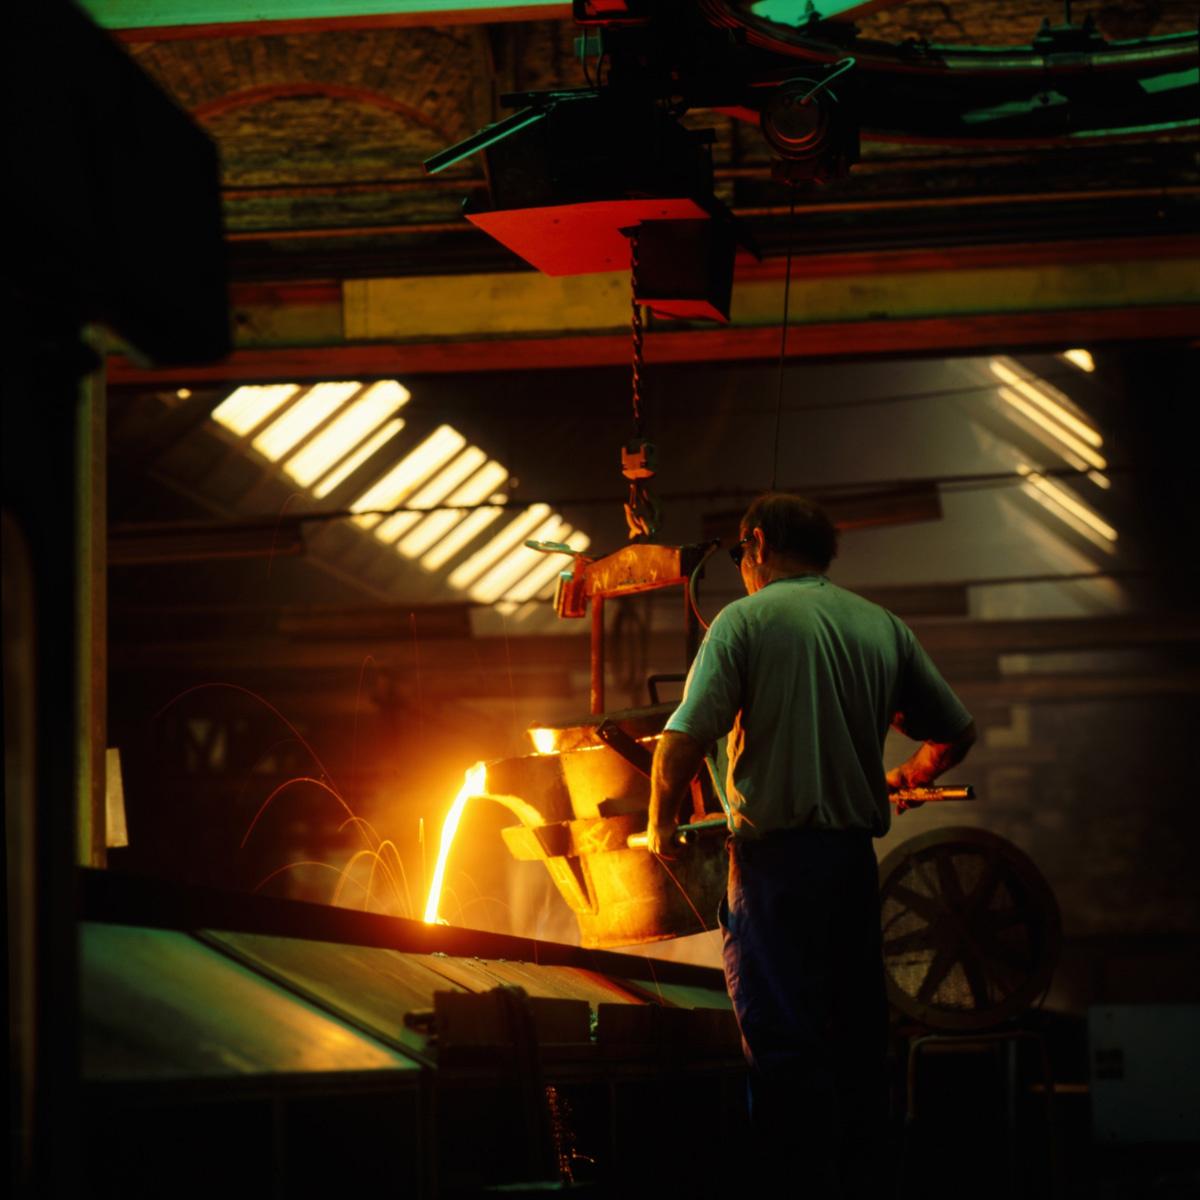 La photographie montre un fondeur au travail dans l'usine Godin SA de Guise.